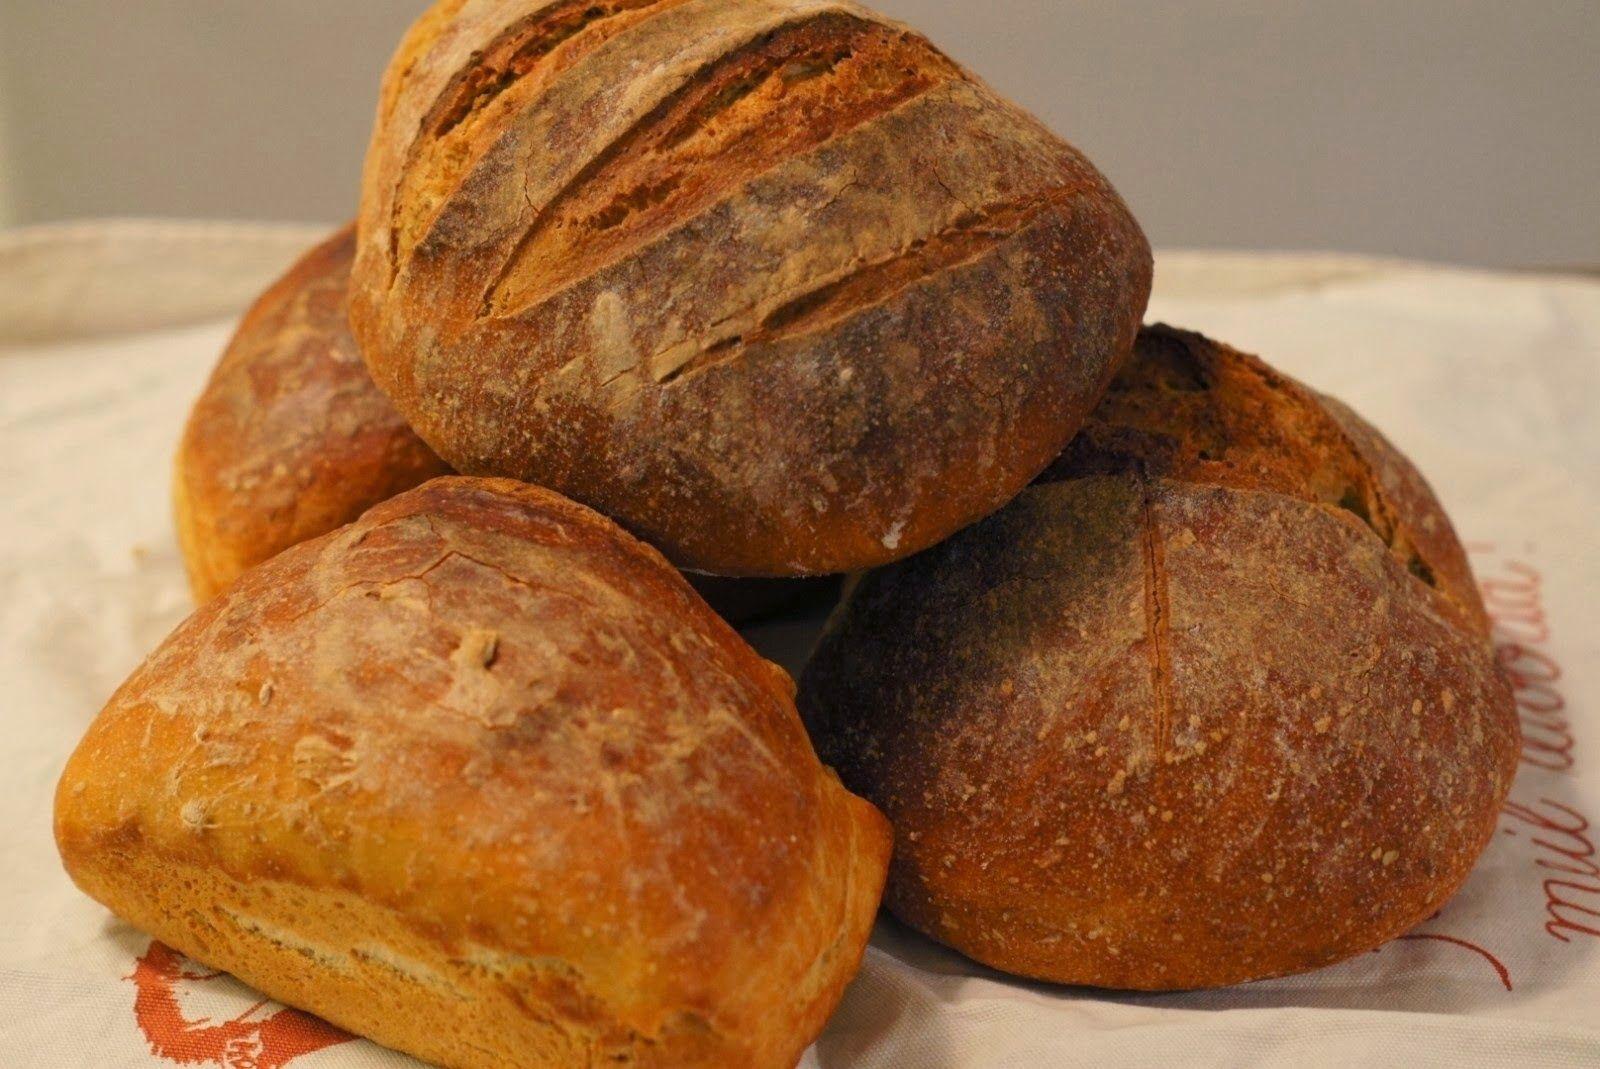 Kaikkea ihanaa elämässä: Ranskalainen maalaisleipä